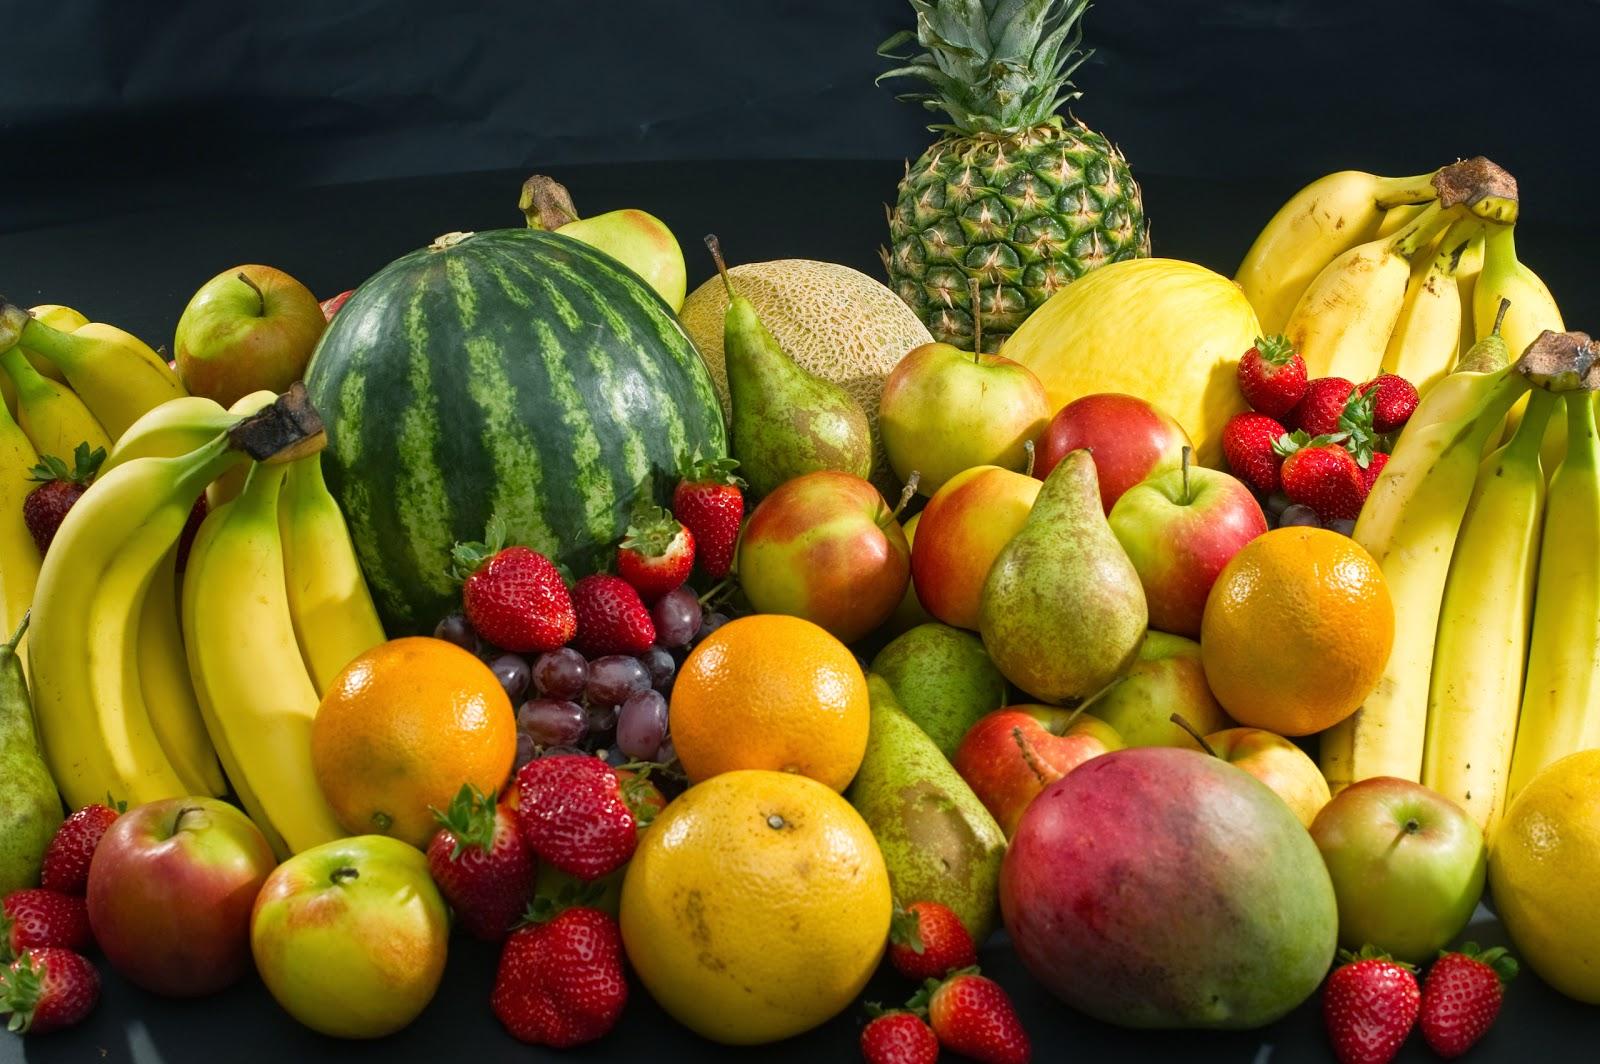 Manfaat-Manfaat dari buah-buahan untuk kesehatan